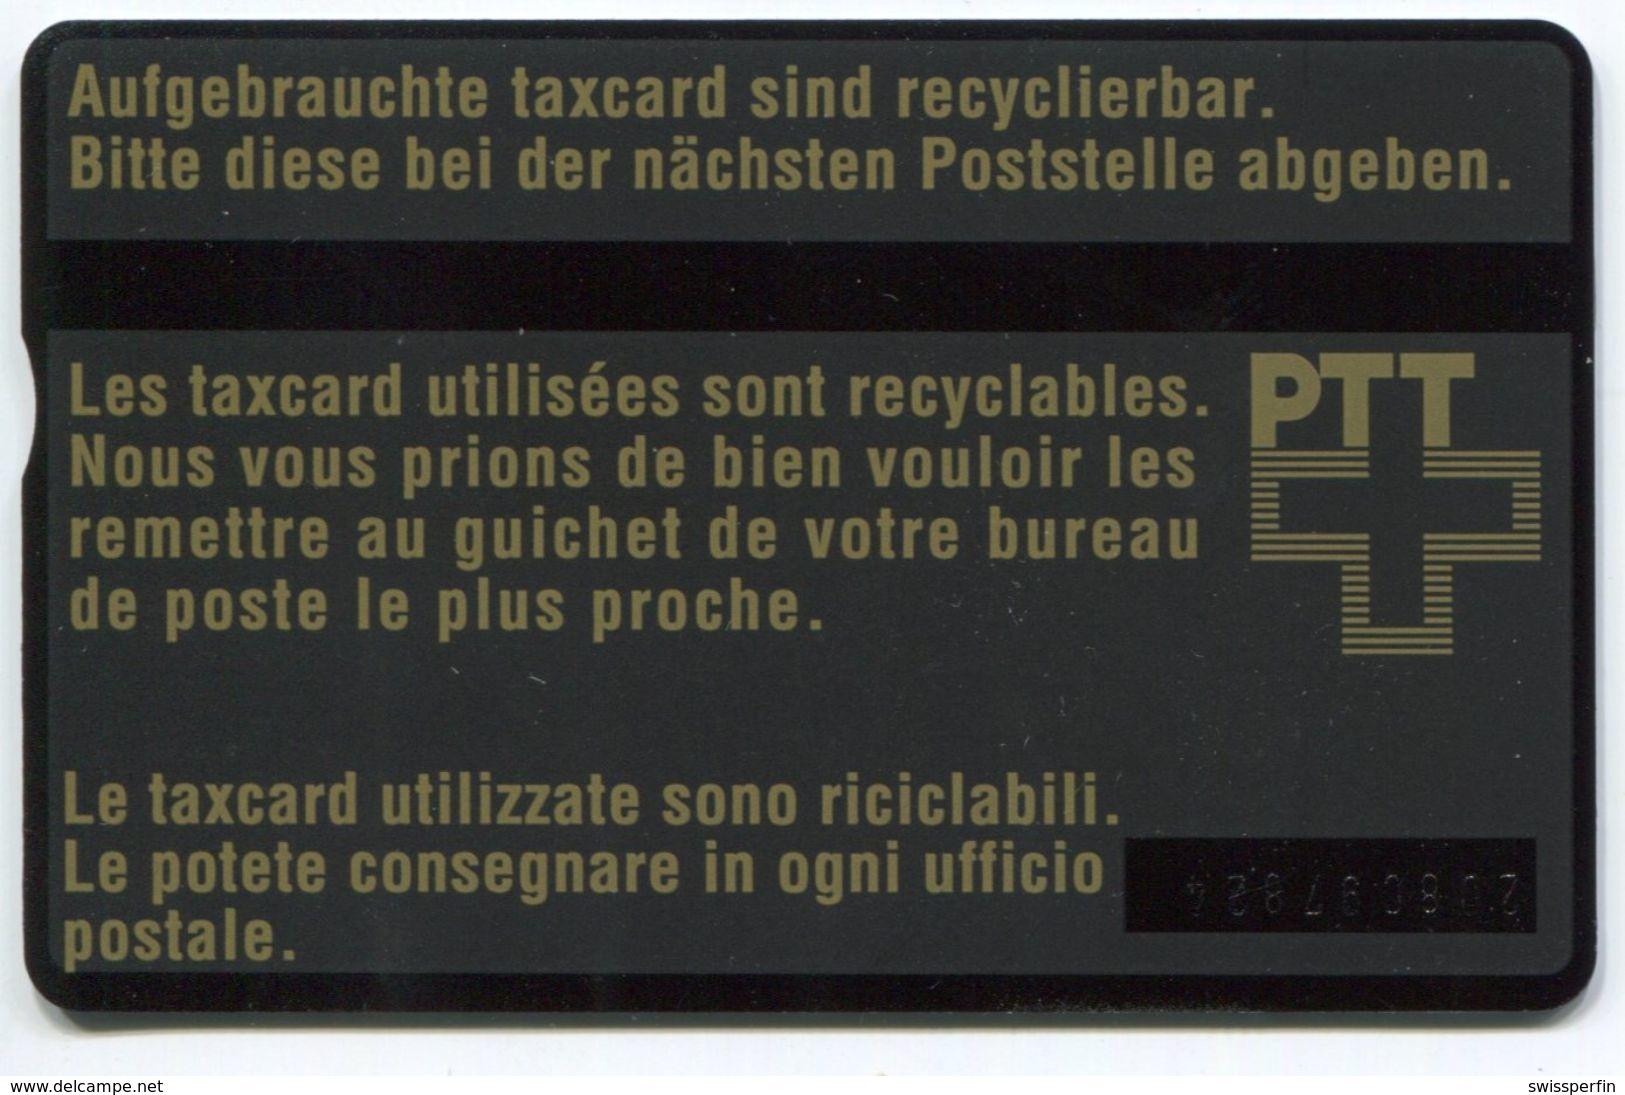 1750 - 10 CHF VIDEOTEX - ABART Fleck - Gebrauchte Schalterkarte - Schweiz